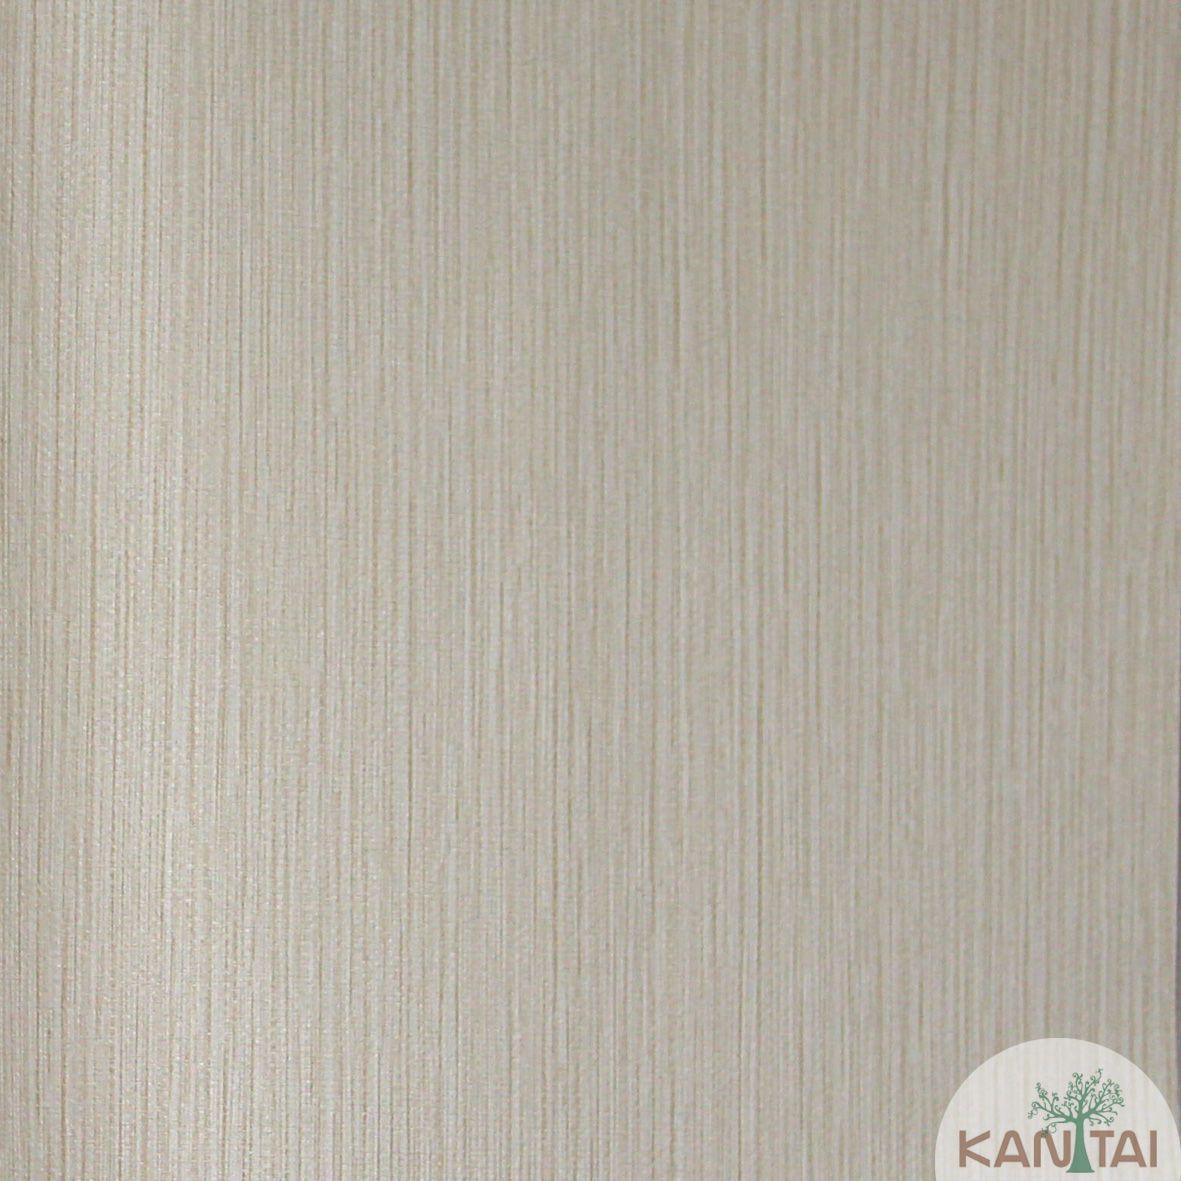 Papel de Parede Importado Kan Tai TNT Coleção Grace Textura Riscas Verticais Bege Médio